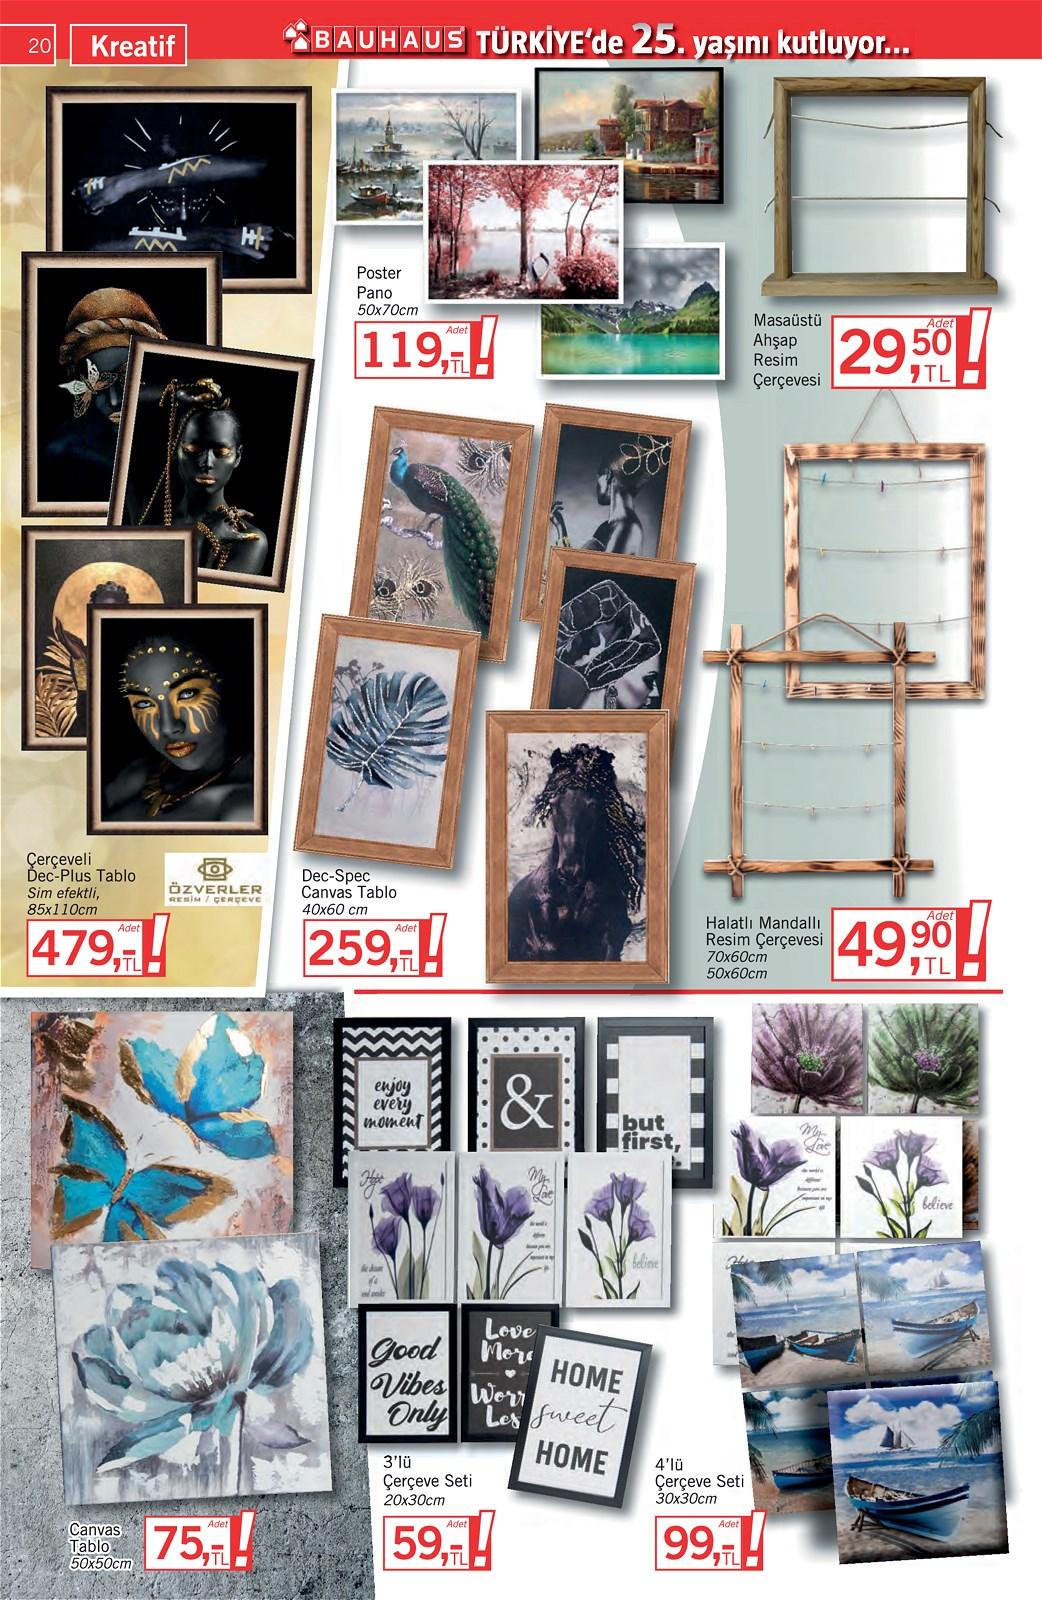 25.09.2021 Bauhaus broşürü 20. sayfa